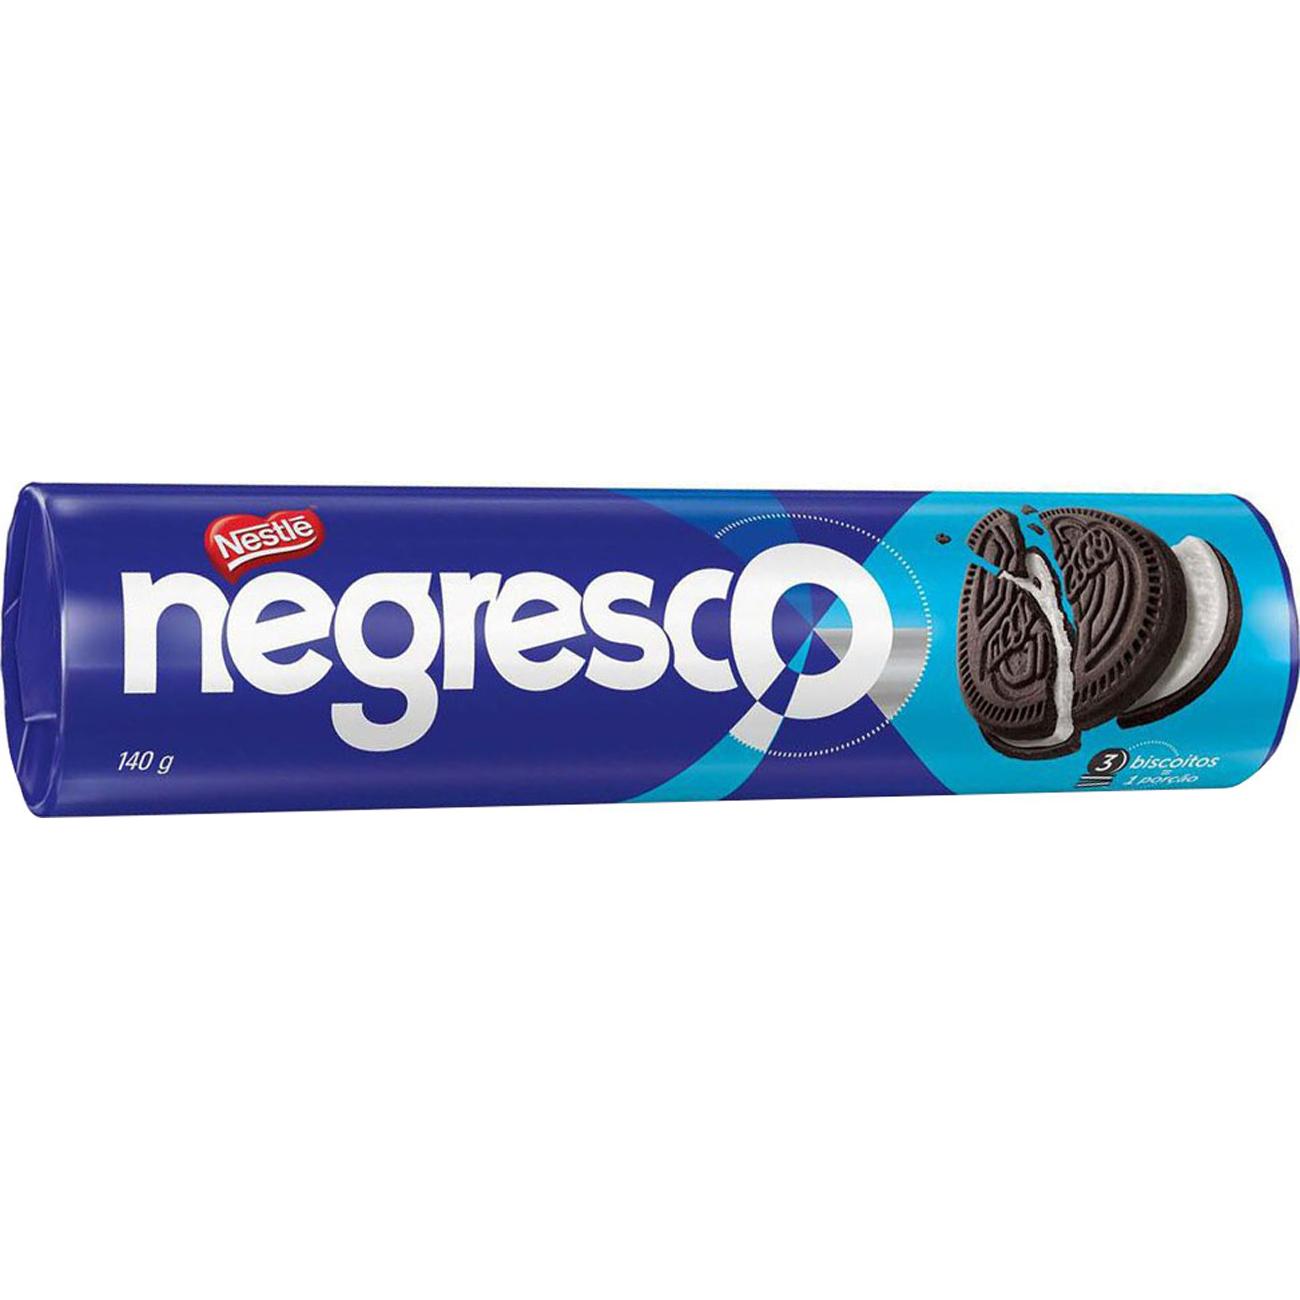 Biscoito Recheado Nestle Negresco Baunilha 140G